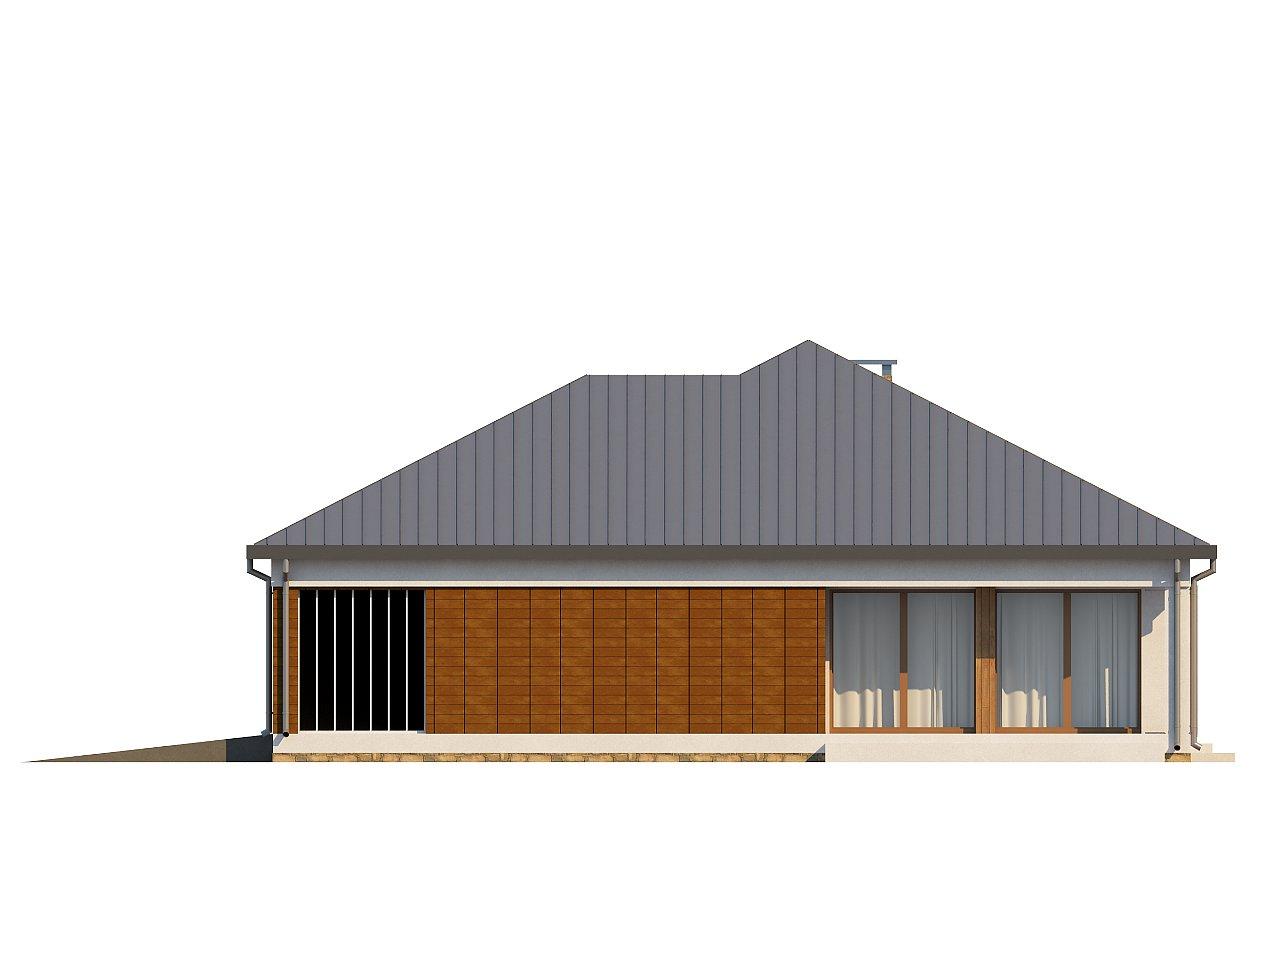 Проект практичного одноэтажного дома с фронтальным выступающим гаражом и крытой террасой. 6